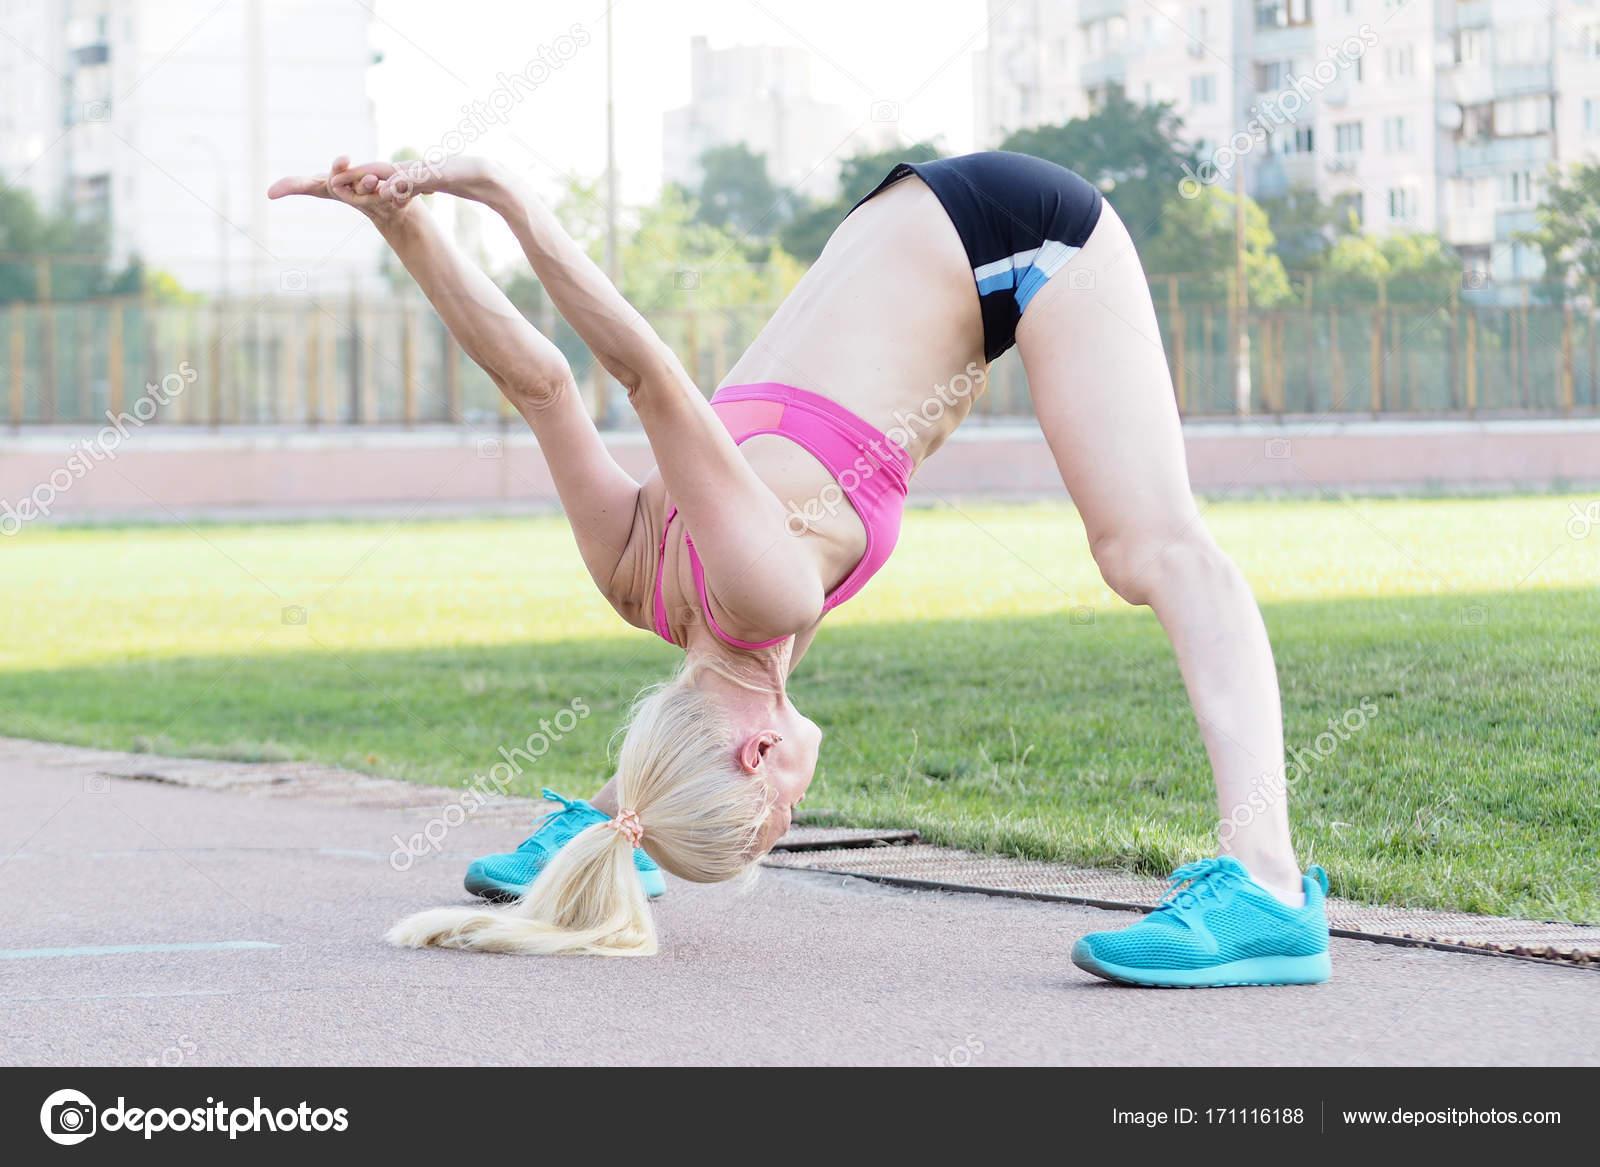 969c0f835cf2f7 Atrakcyjna kobieta czy rozciąganie z szerokim położeniu jej nogi i tilt,  jej ciało do przodu– obraz stockowy